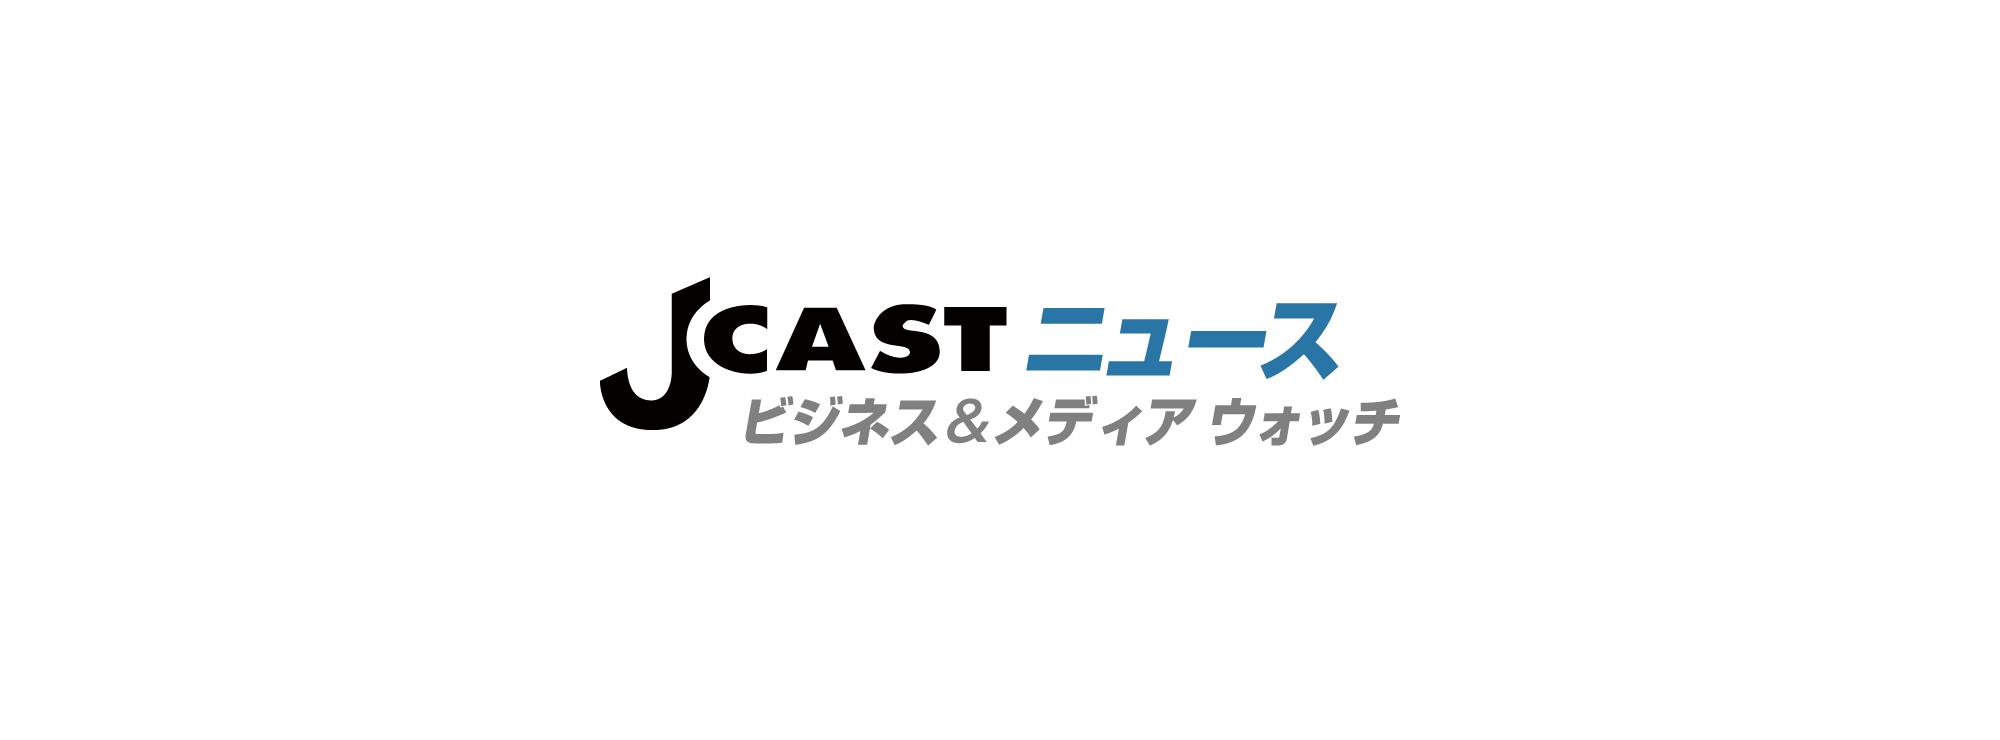 二宮が友達少ない自慢 電話帳の登録数63件 : J-CASTテレビウォッチ